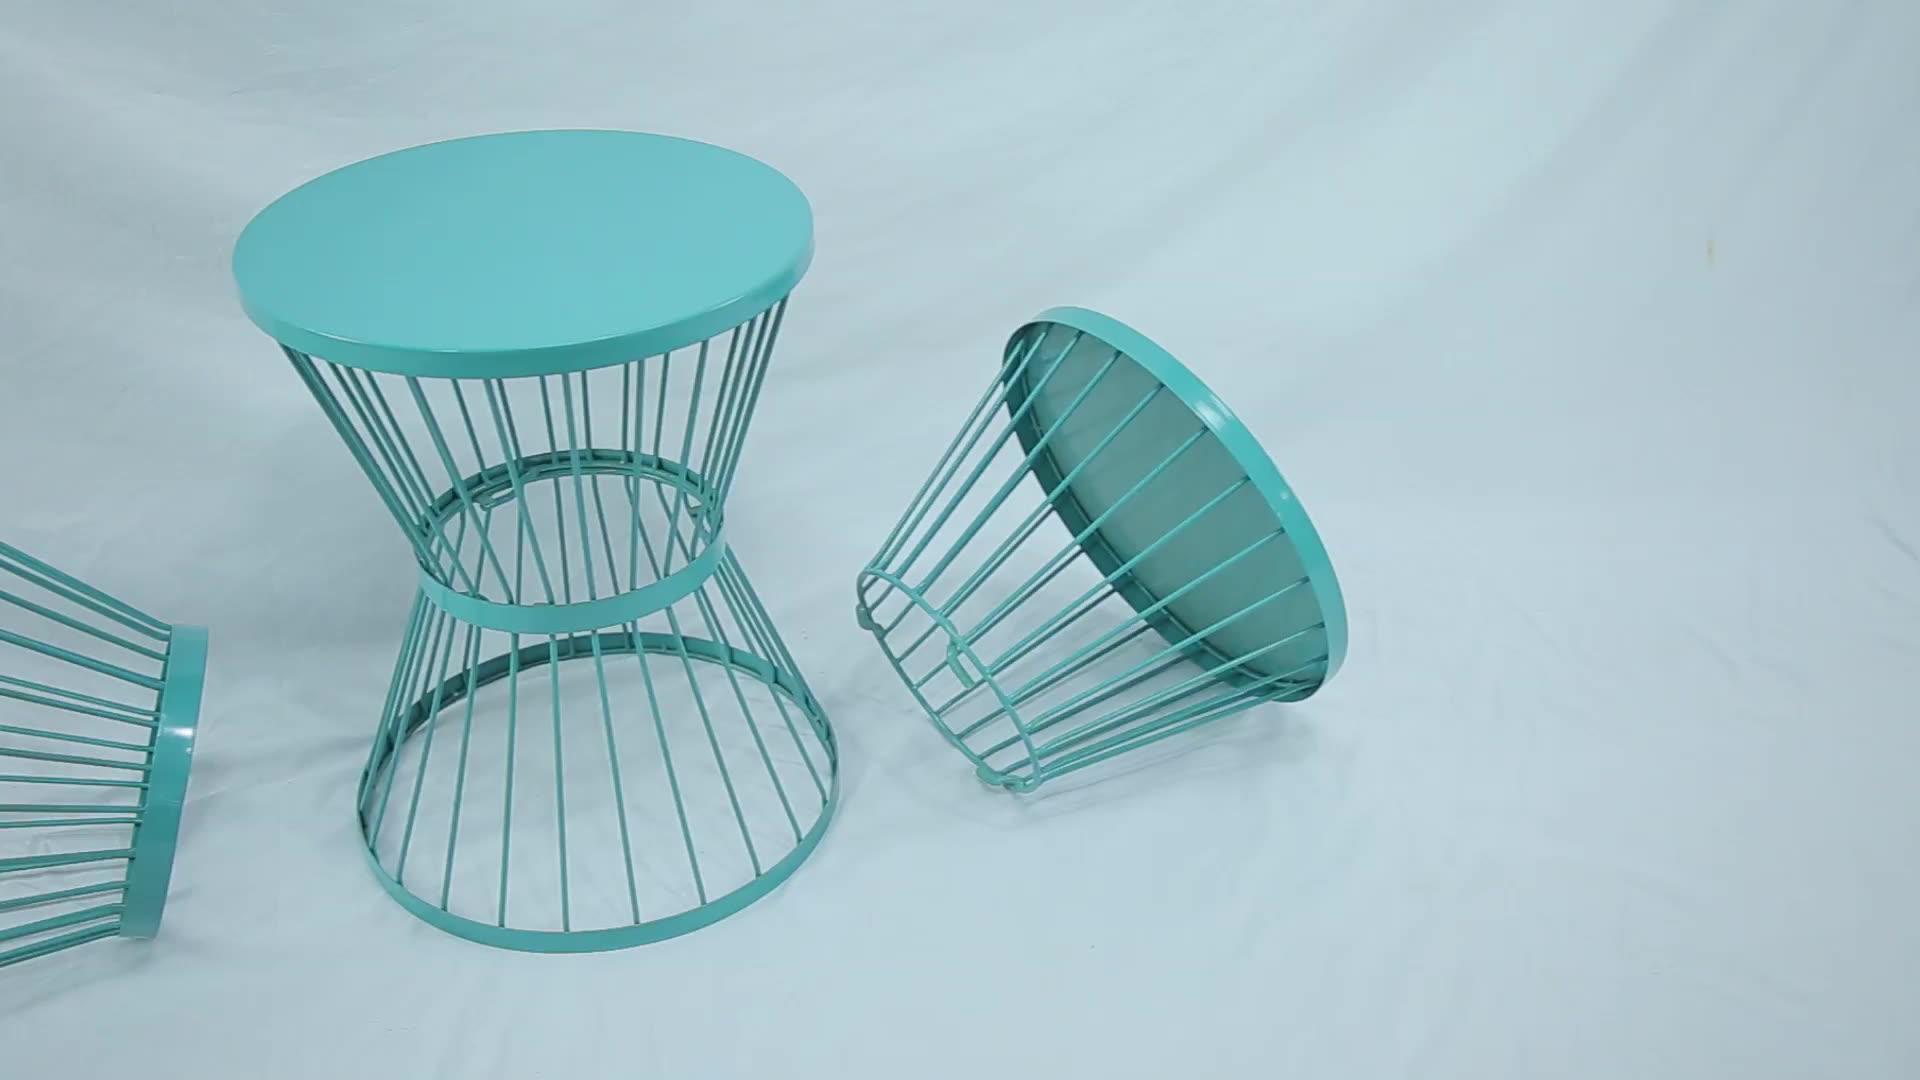 Vente chaude meubles de salon de table basse moderne table d'appoint design